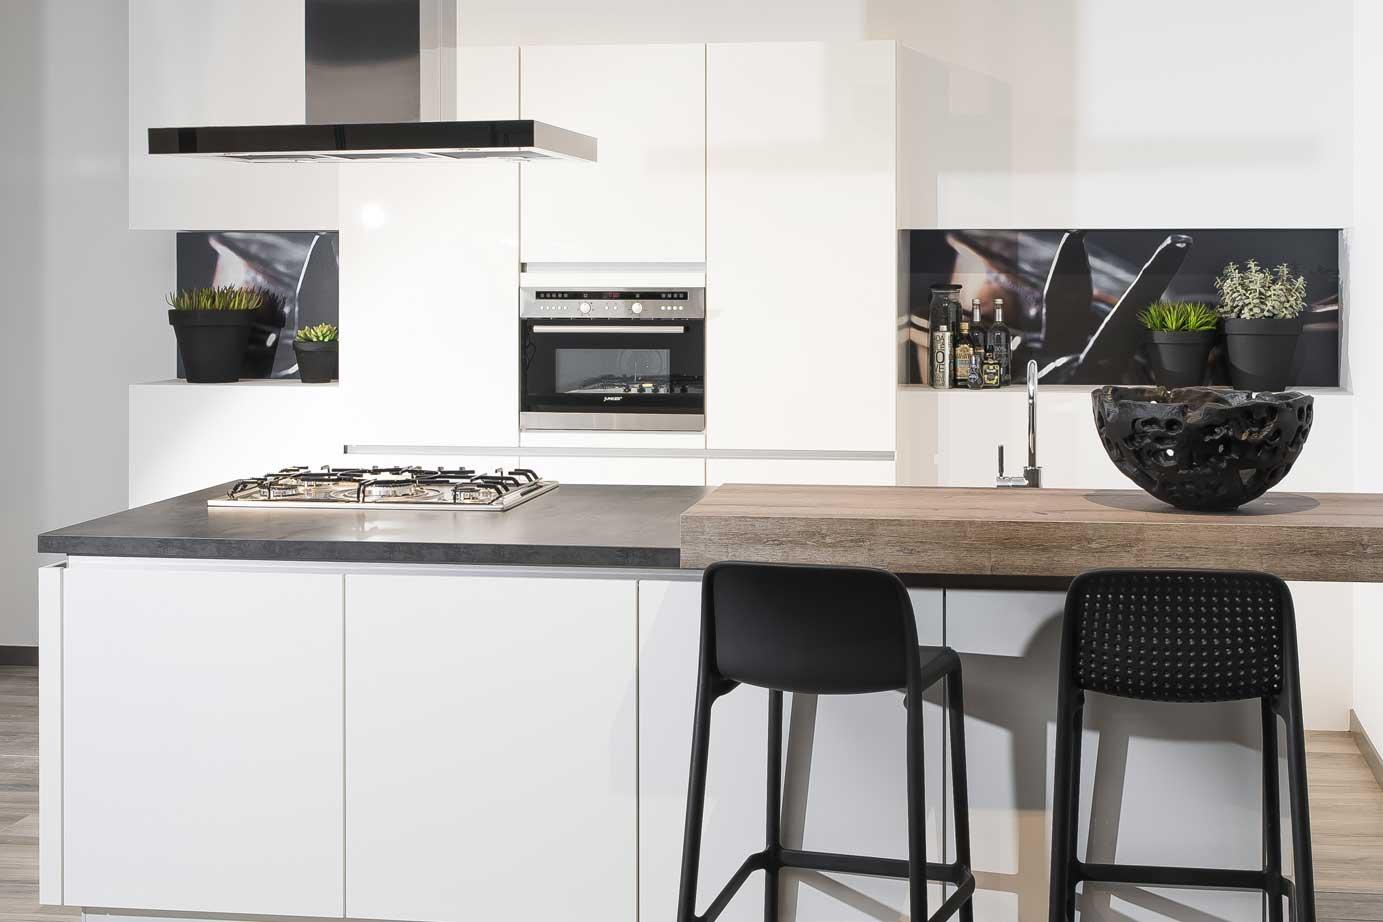 Goedkope Keuken Inrichting : 60+ moderne keukens, incl foto's en prijzen DB Keukens